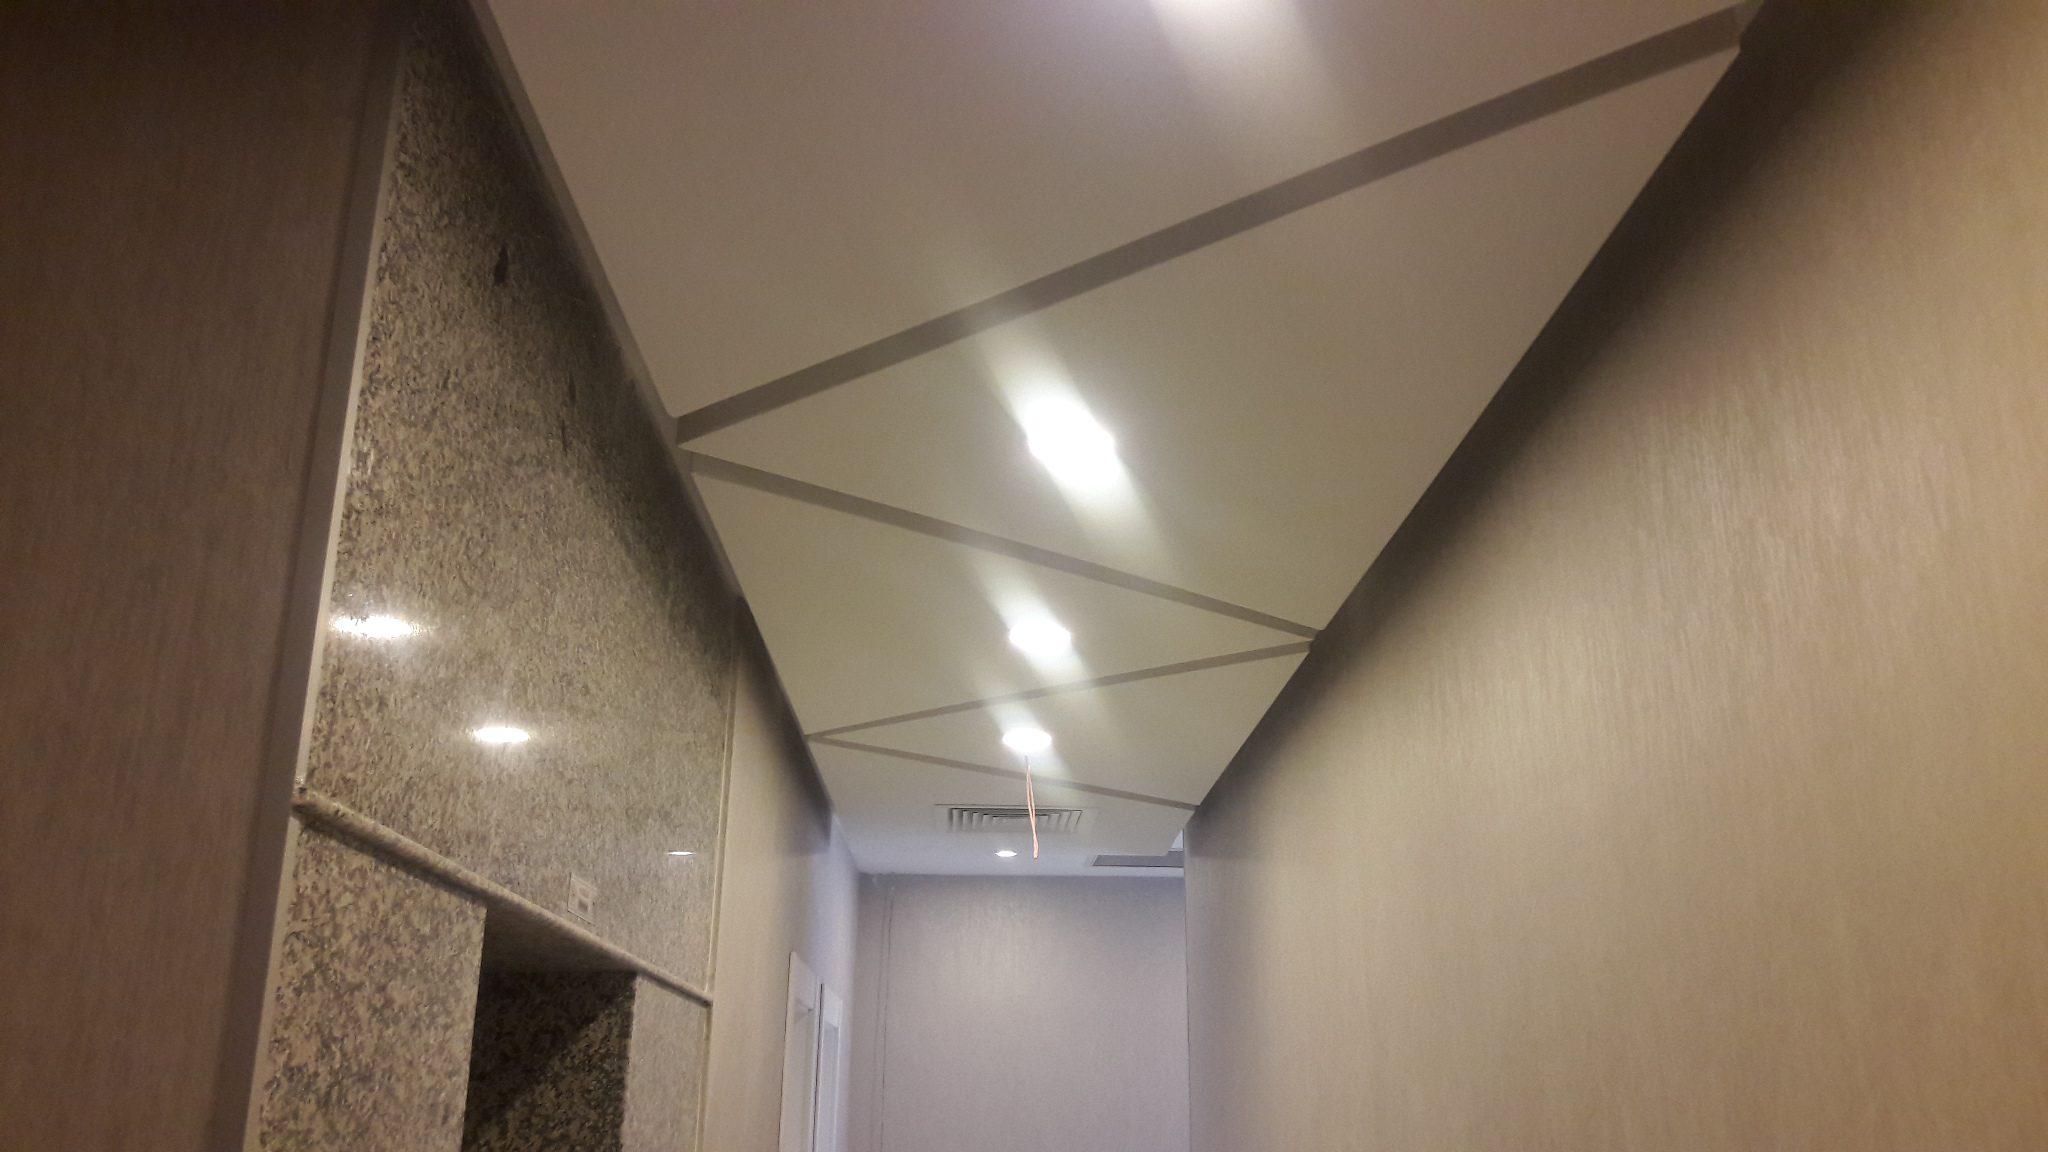 Koridor dekorasyon çalışması 2